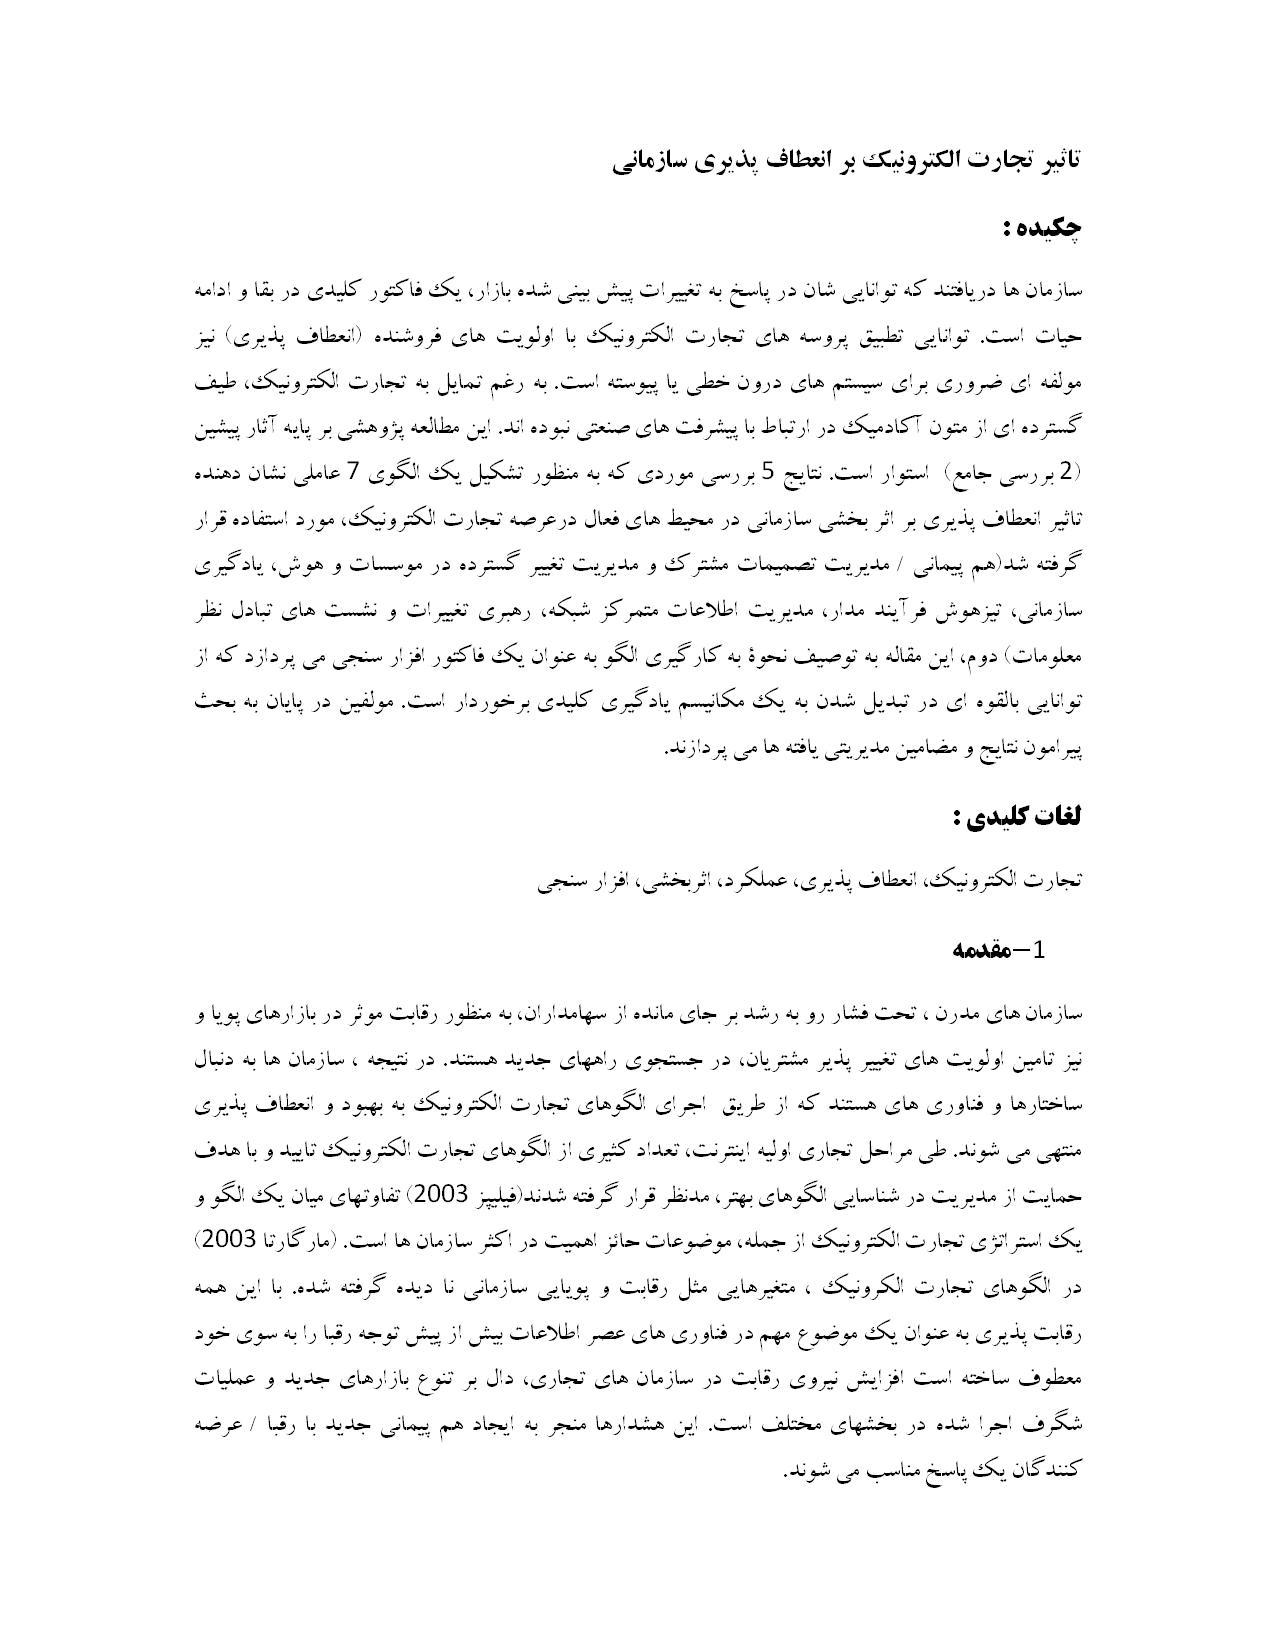 ترجمه مقاله و تحقیق - تاثیر تجارت الکترونیک بر انعطاف پذیری سازمانی 34